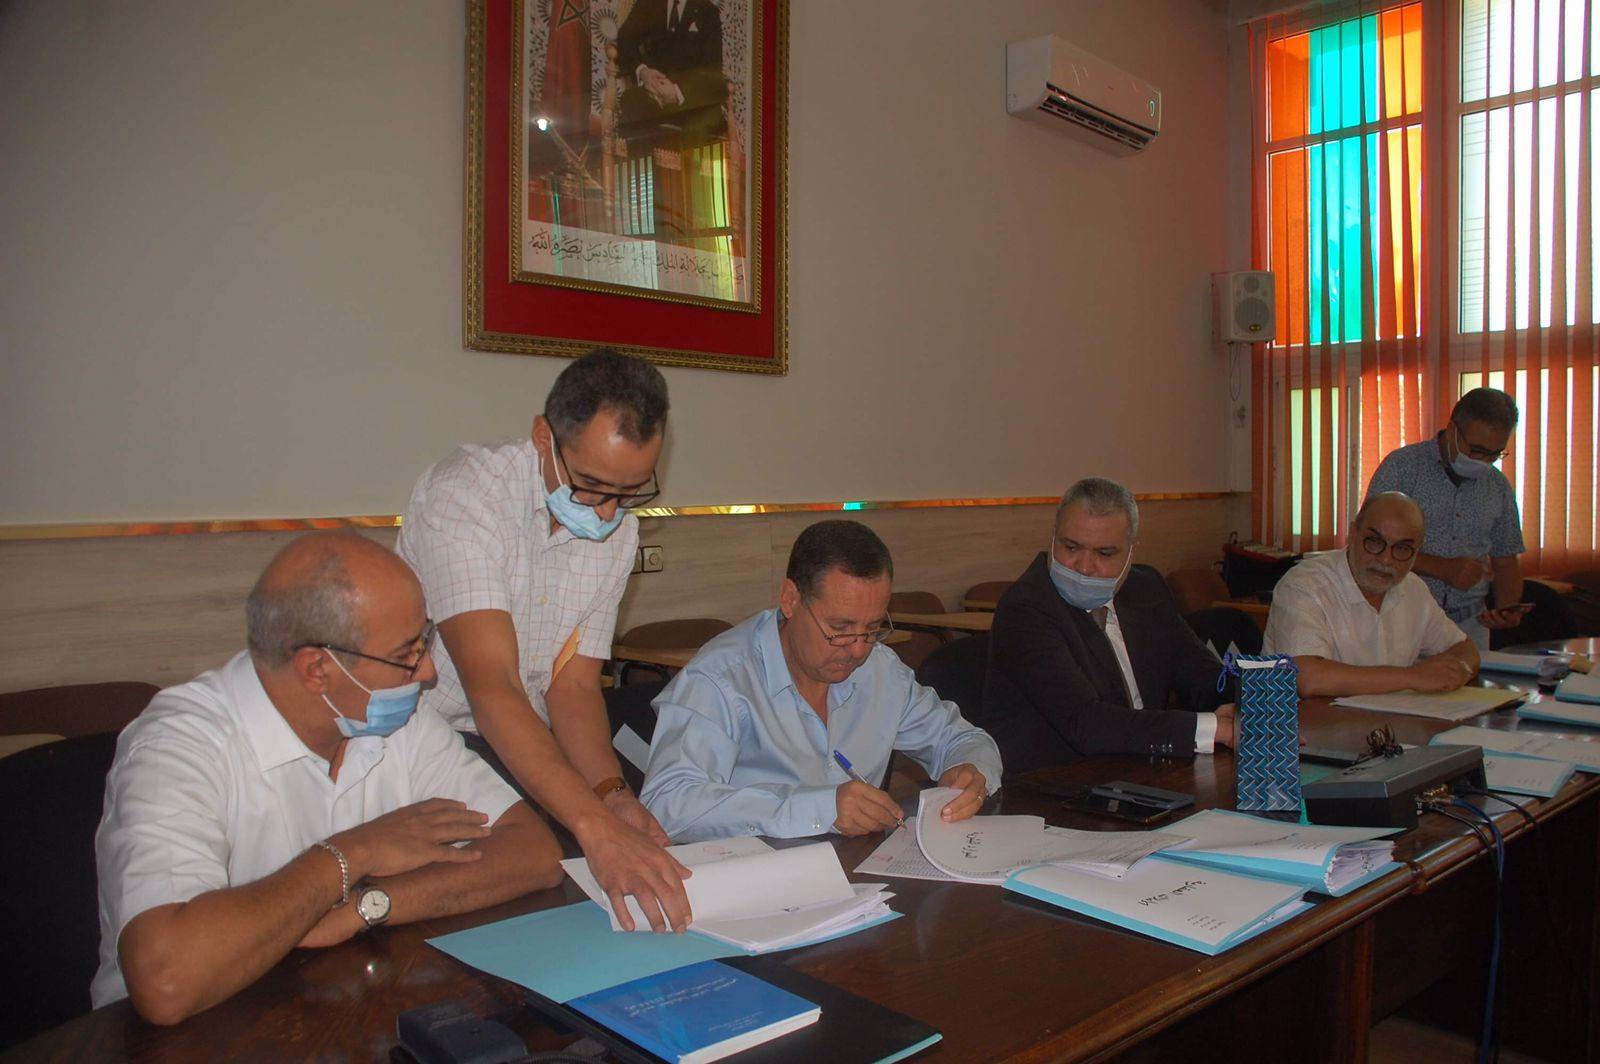 جماعة تازة تحتضن مراسيم تسليم السلط بين الرئيس السابق والرئيس الحالي .